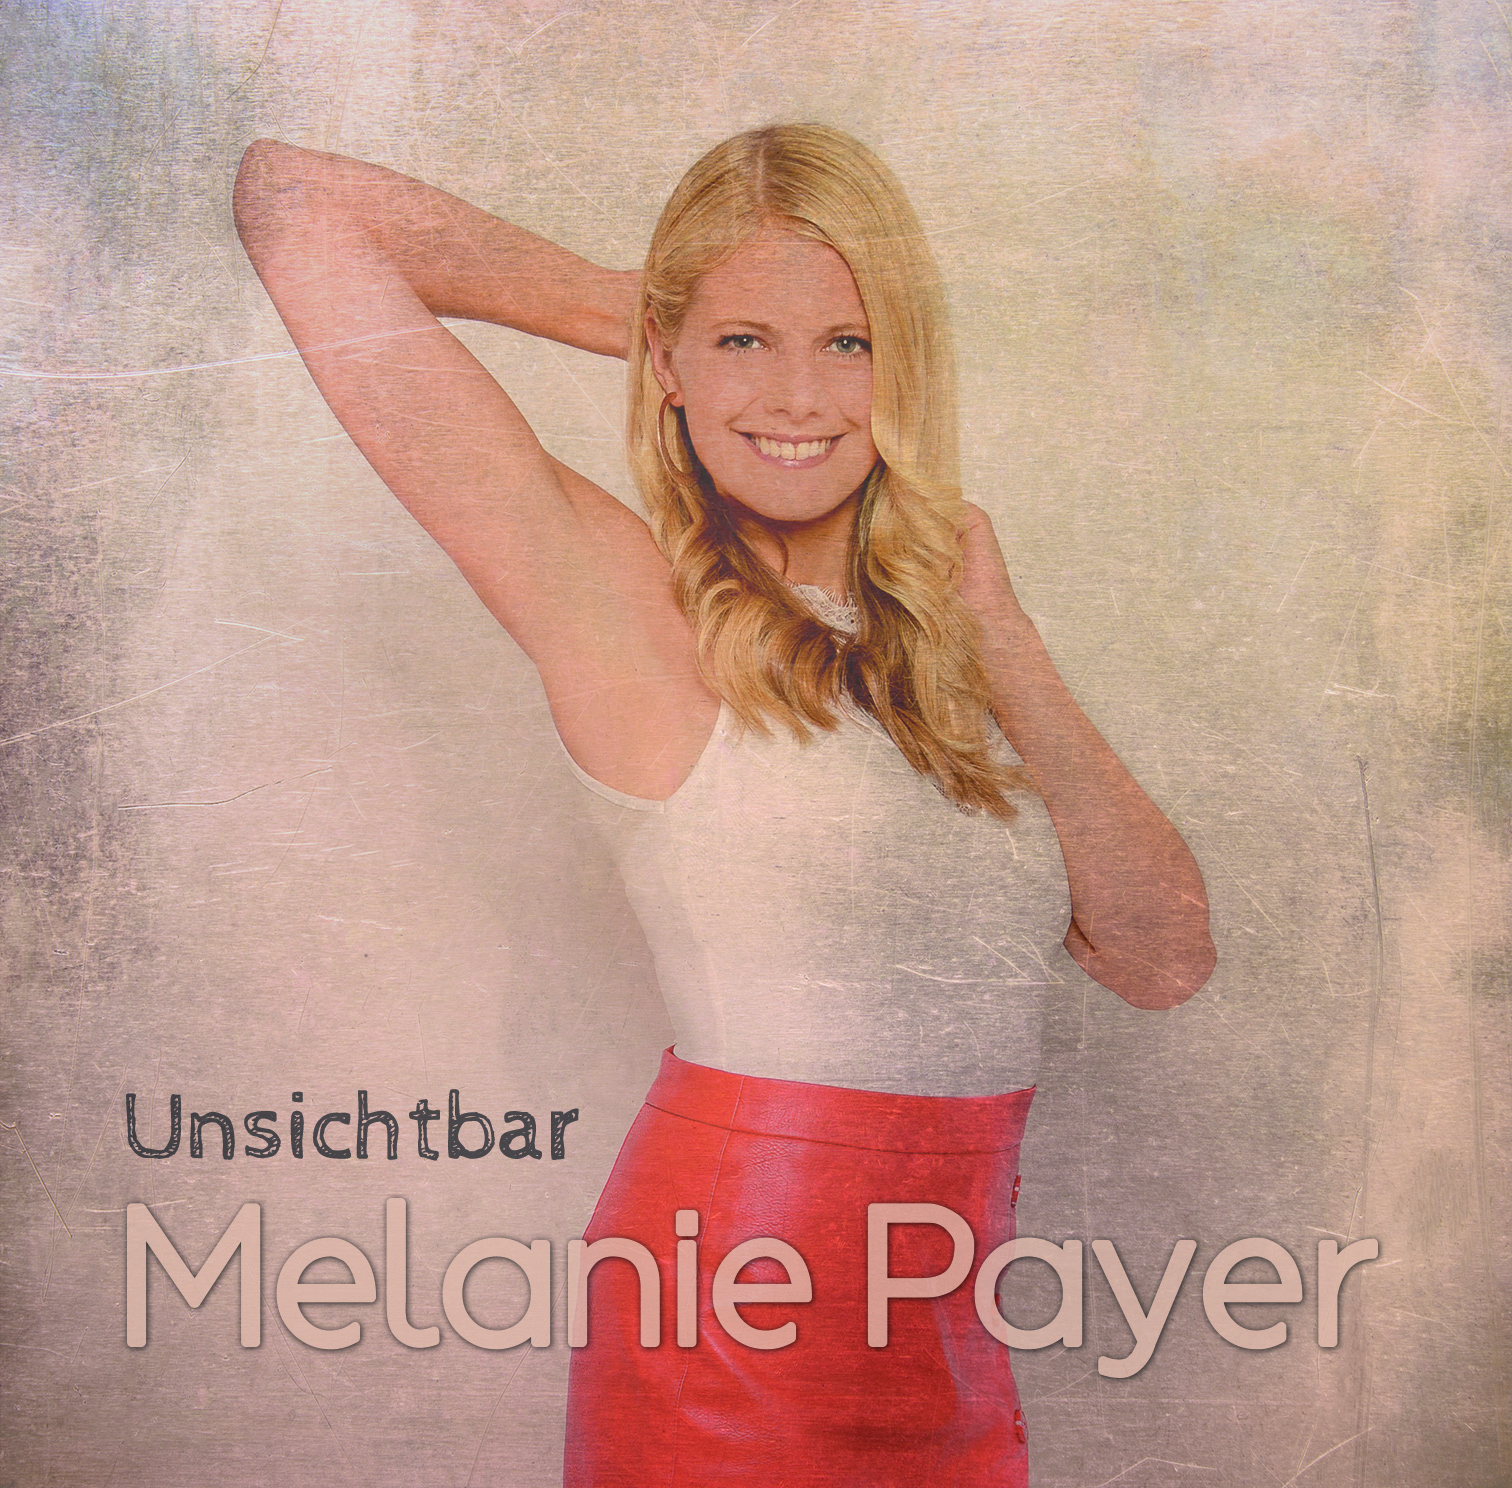 MELANIE PAYER * Unsichtbar (Download-Track)